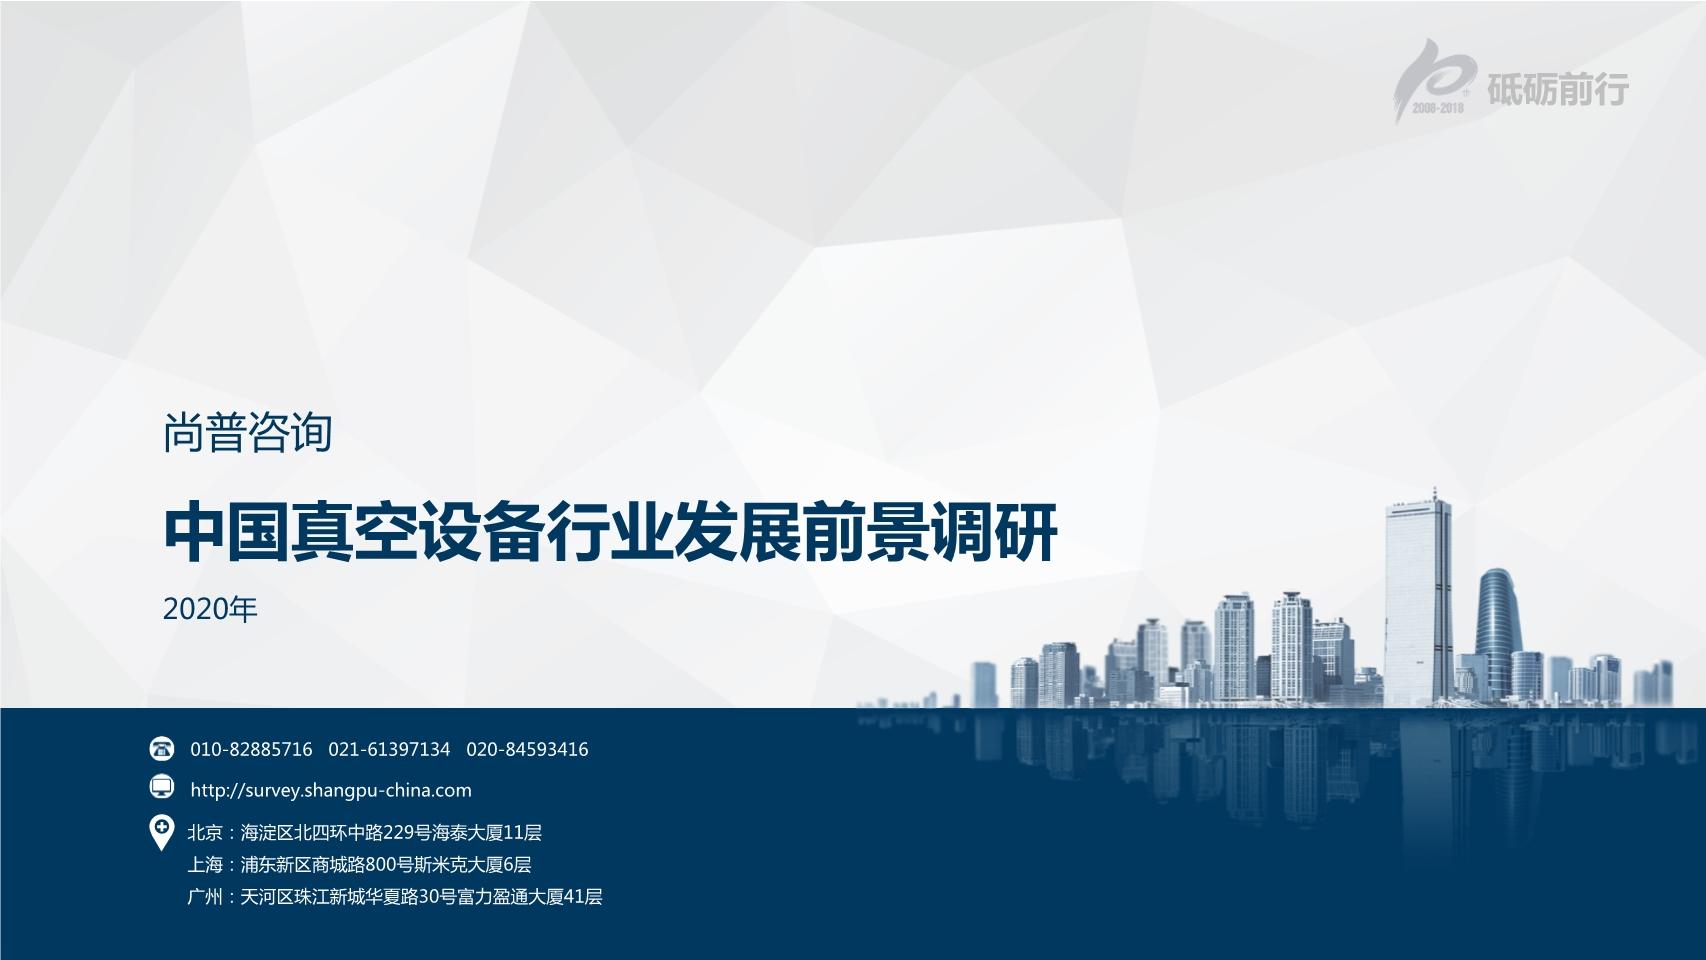 尚普咨询-2020年中国真空设备行业发展前景调研